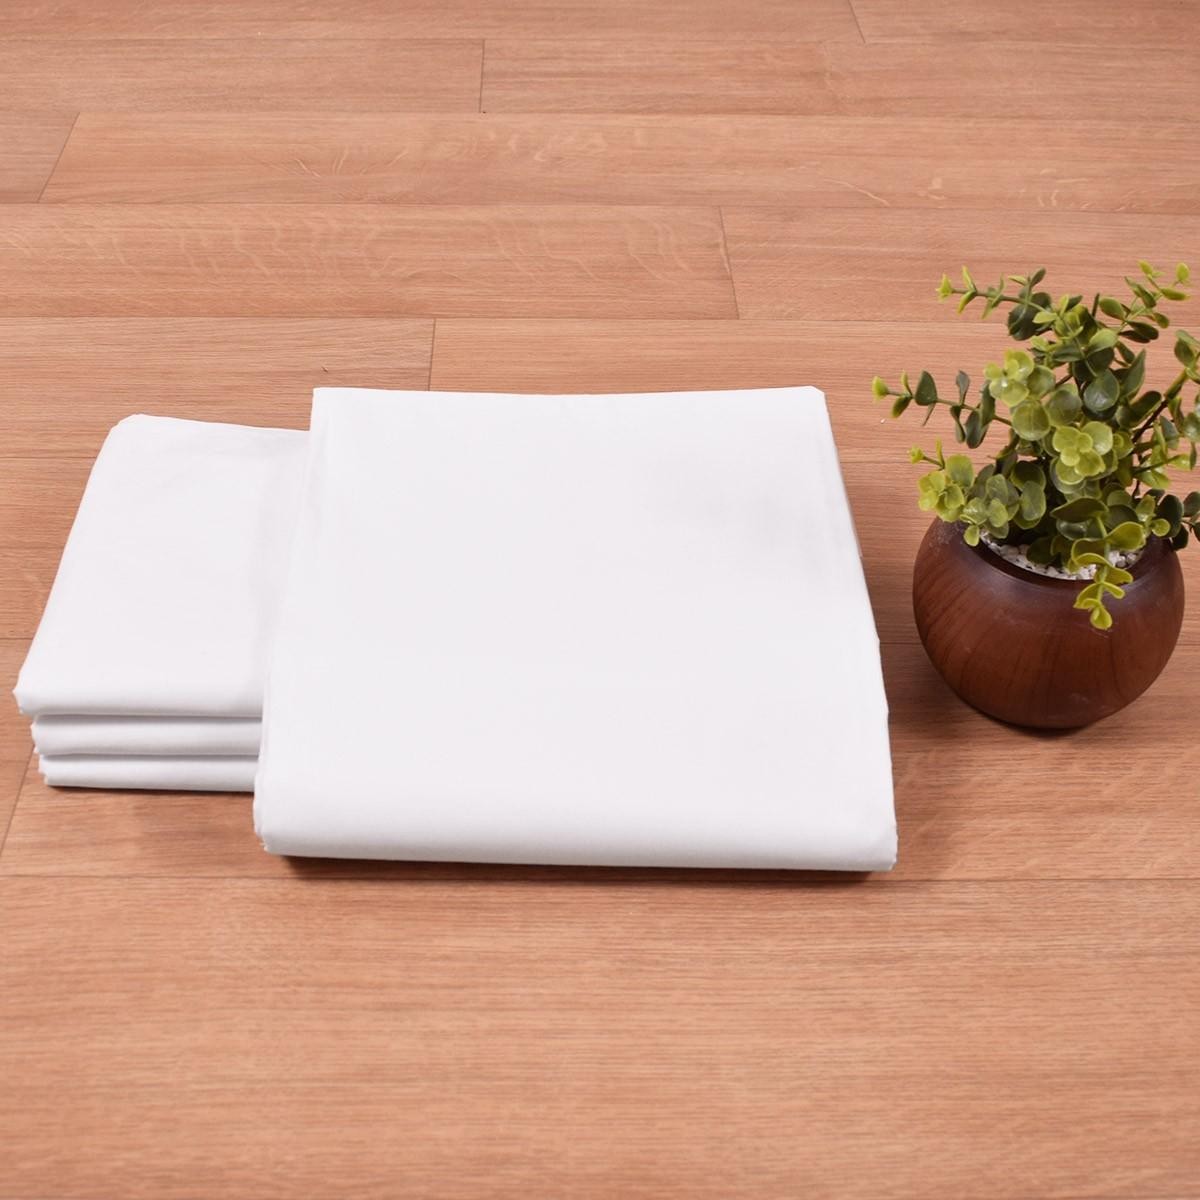 Σεντόνι (300x300) 60%Βαμβάκι 40%Polyester T220 home   επαγγελματικός εξοπλισμός   ξενοδοχειακός εξοπλισμός   σεντόνια ξενοδοχεί